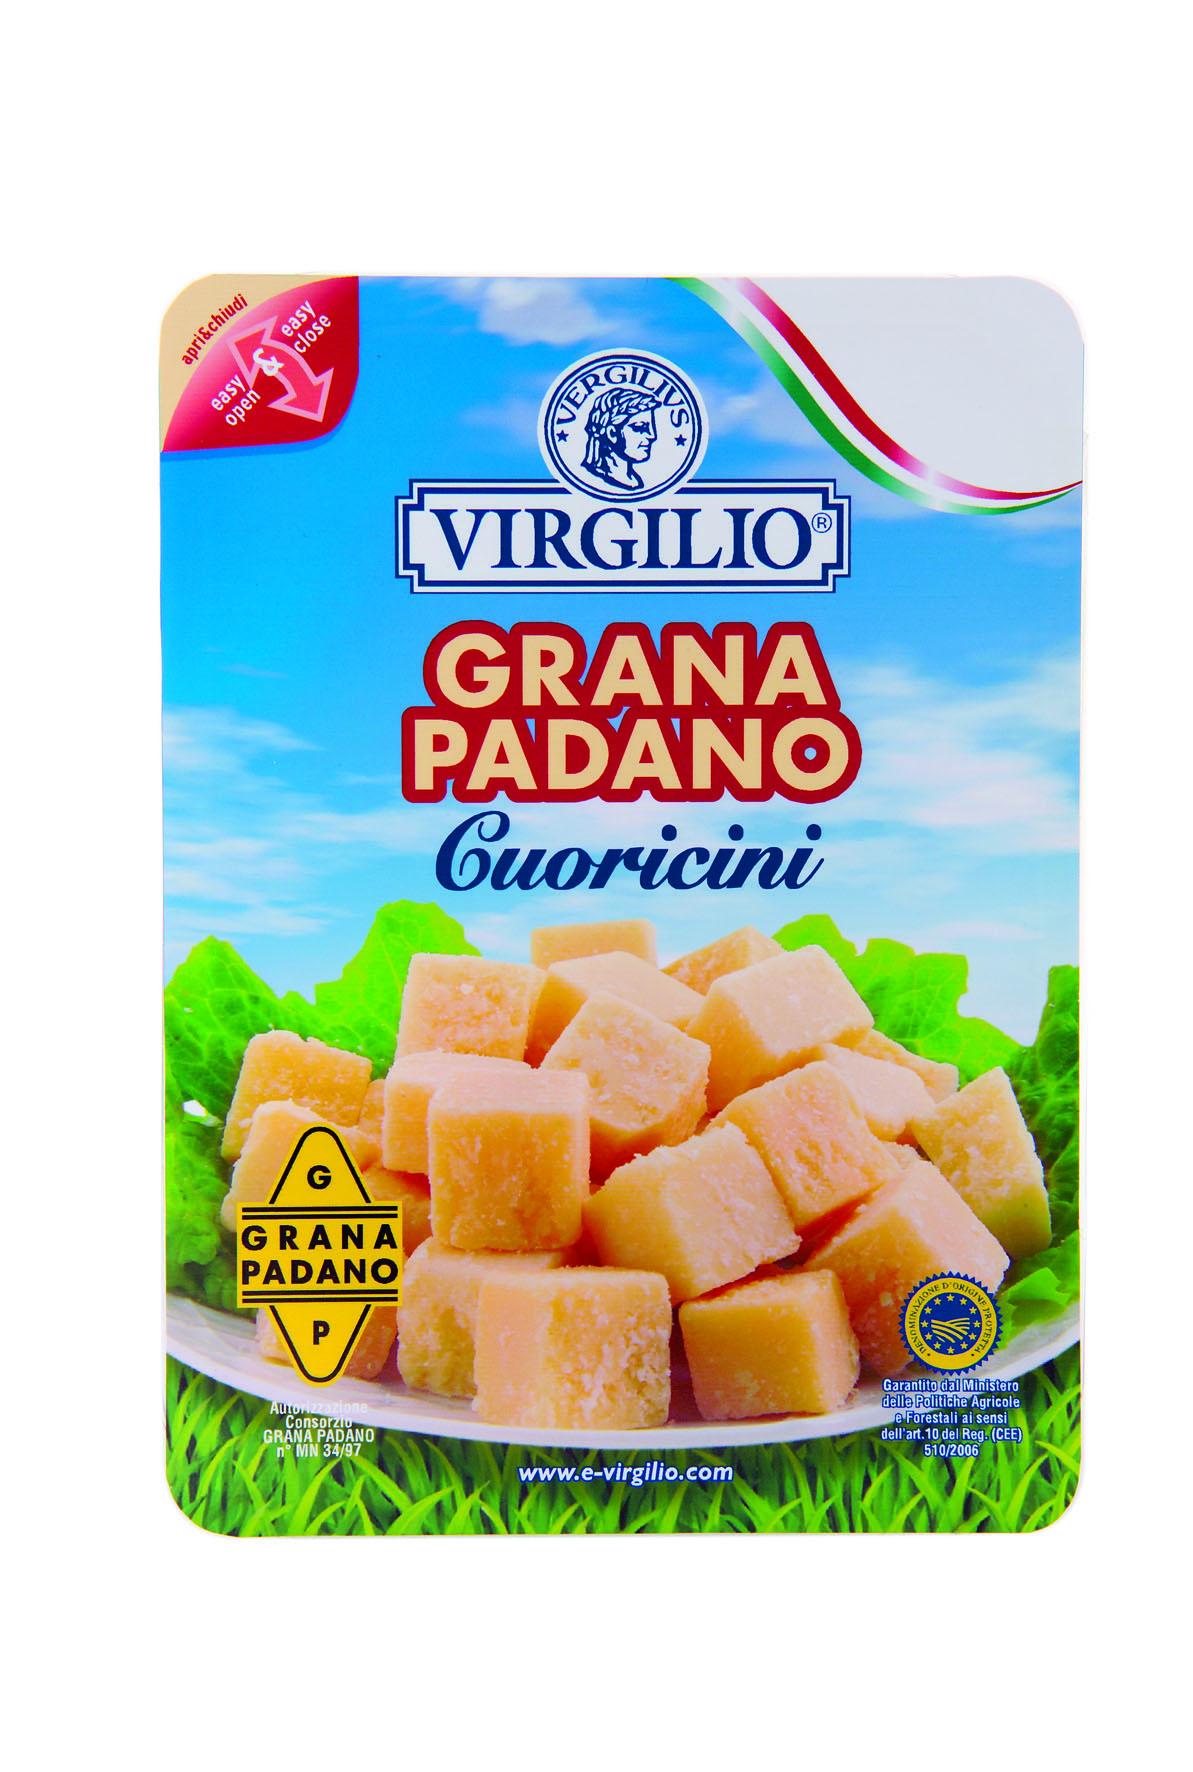 Virgilio al Cibus 2006 con tre novità per tutti i gusti: provolone, burro e grana padano in cuoricini e scaglie